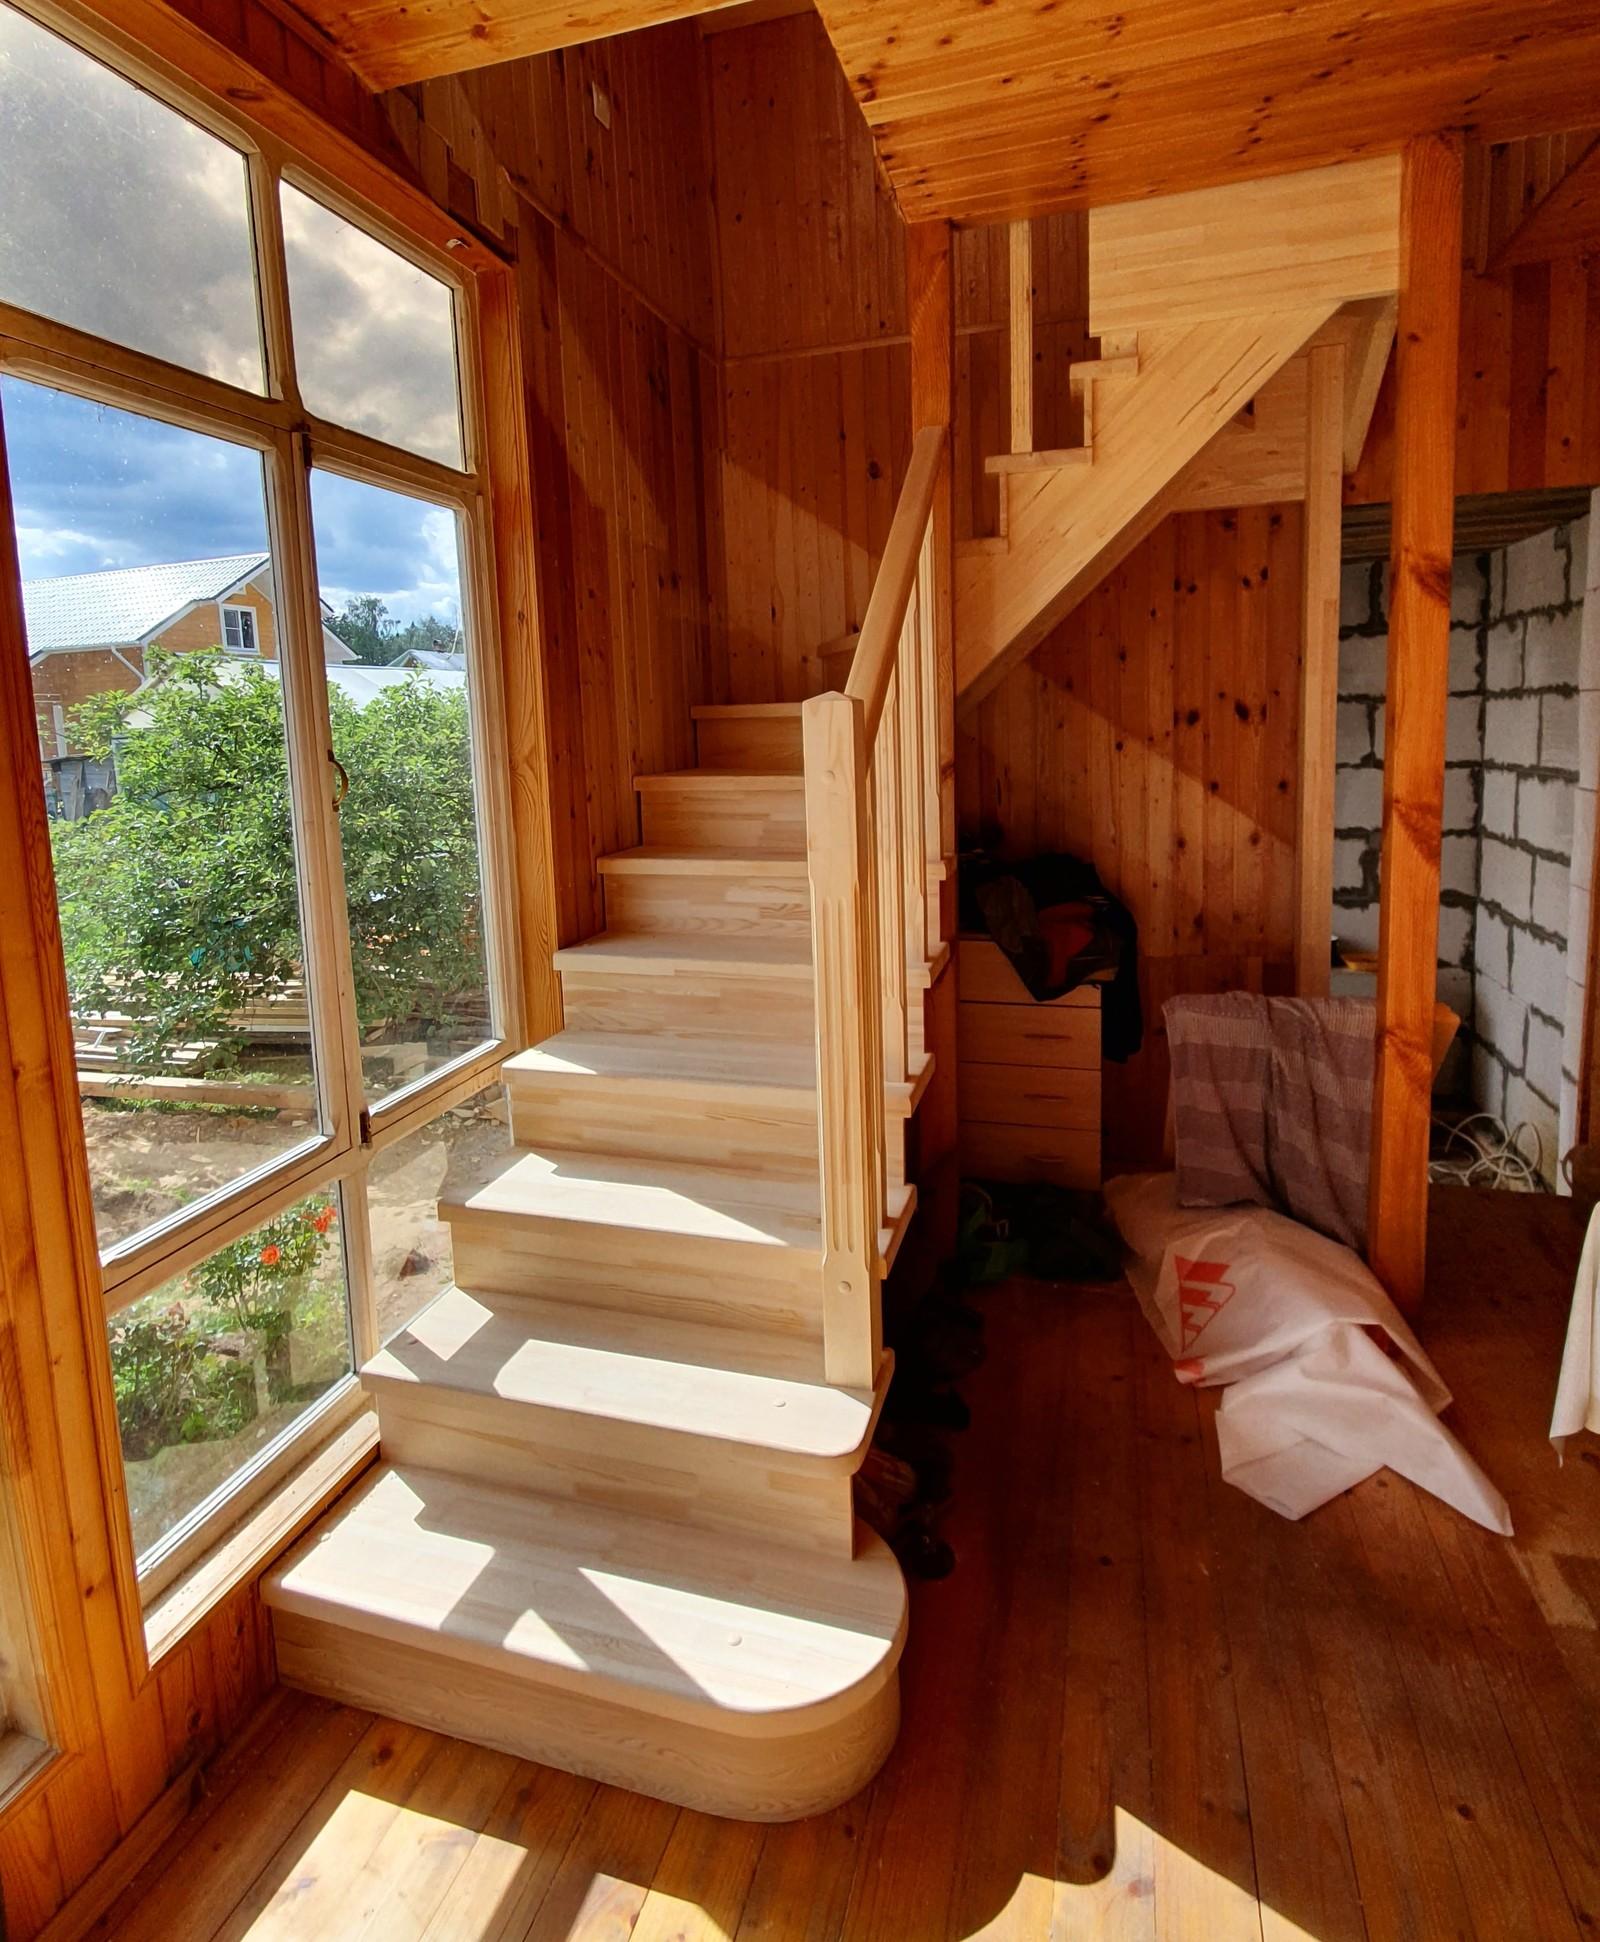 Показать фото лестниц на даче